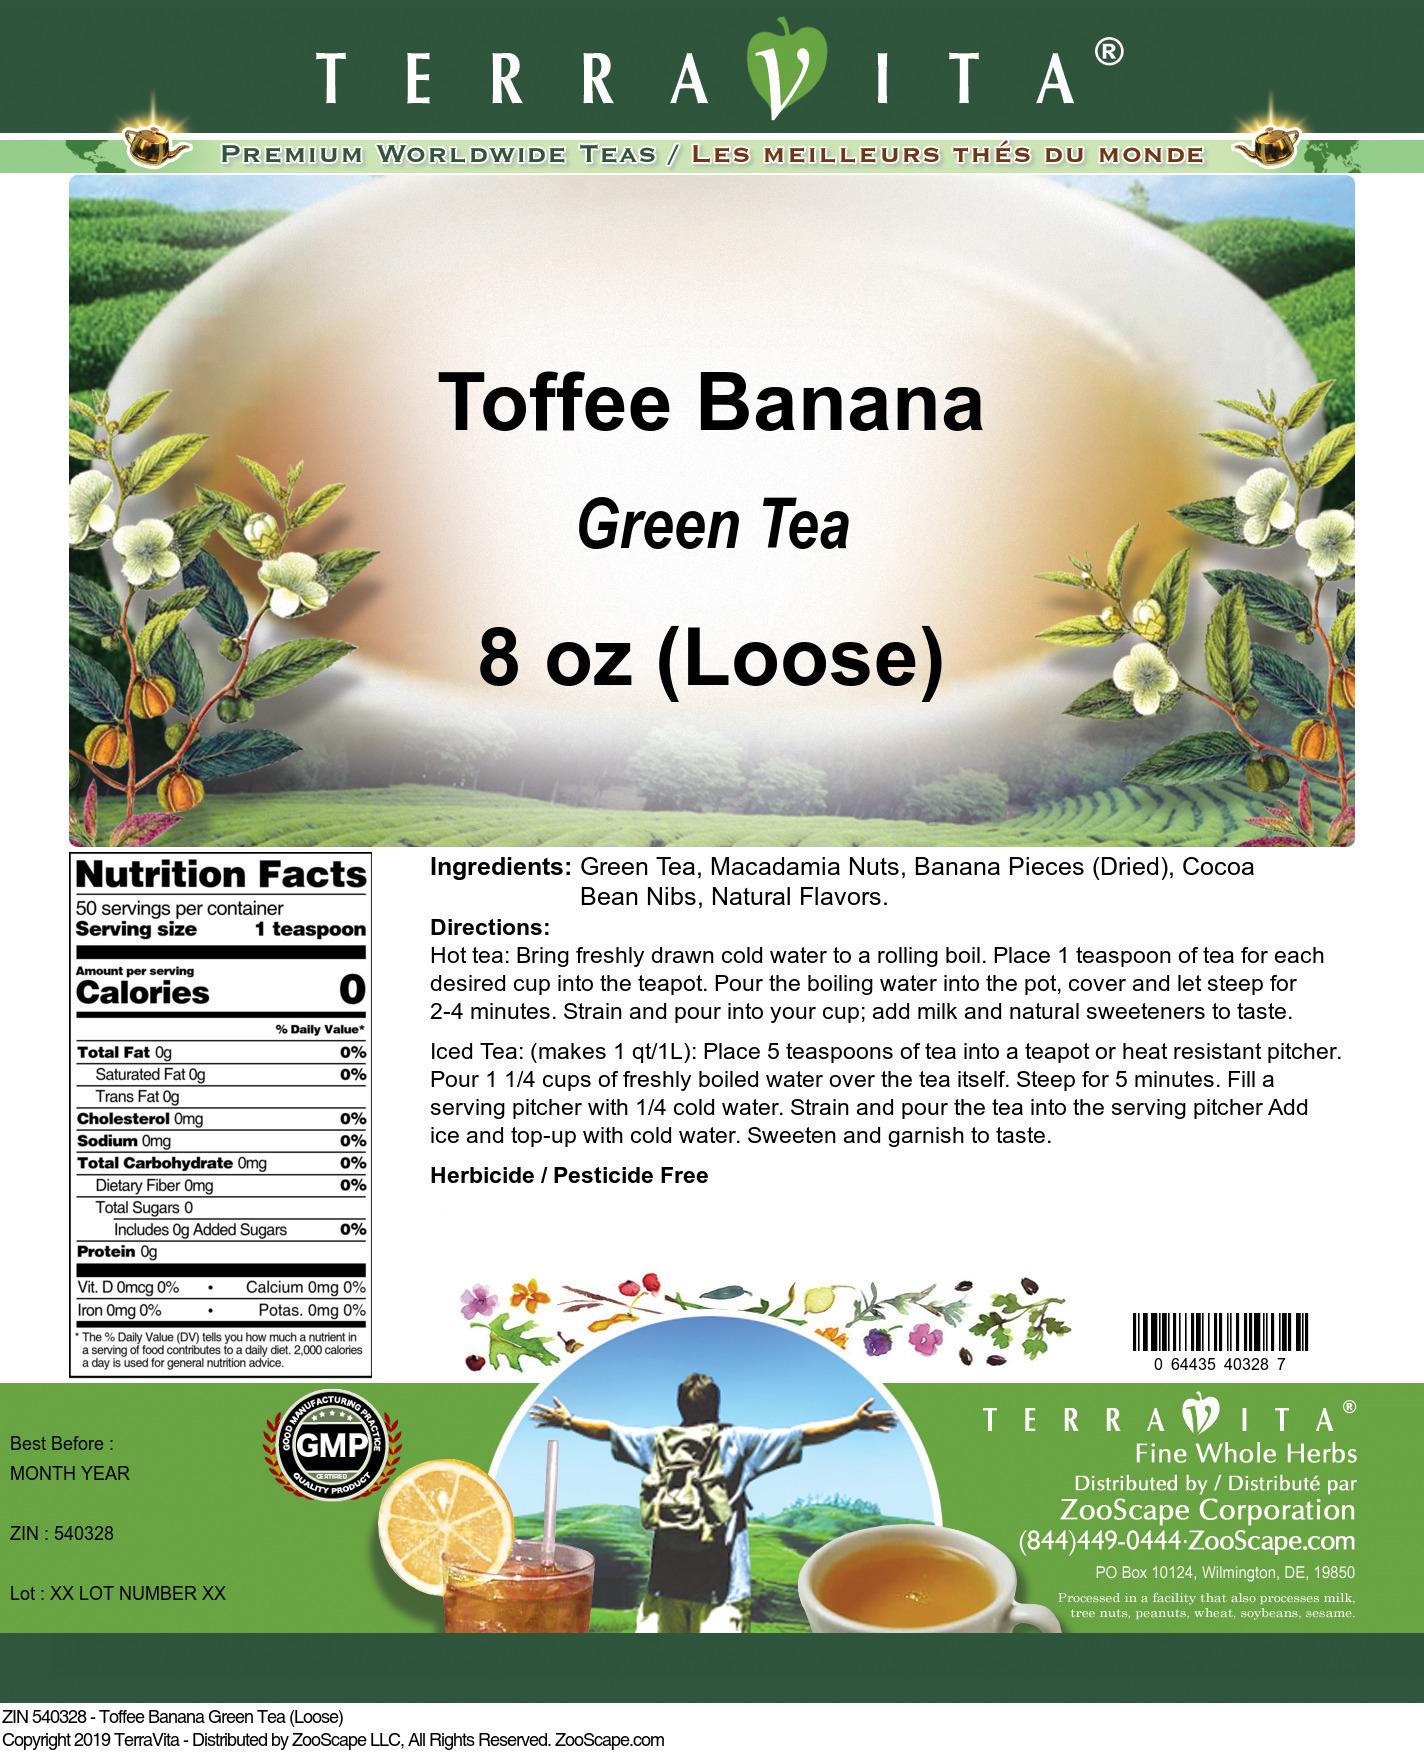 Toffee Banana Green Tea (Loose)